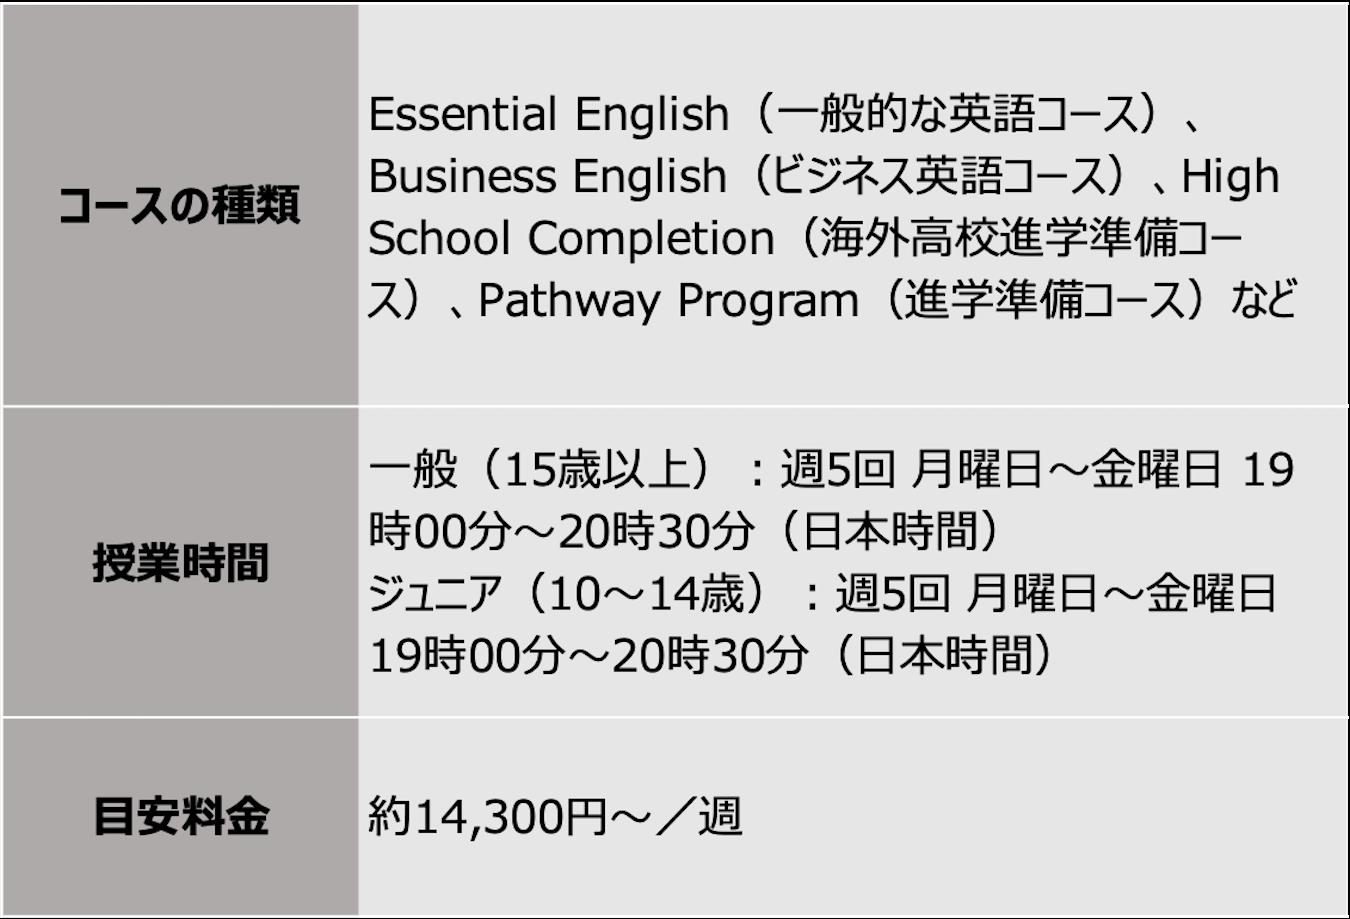 アメリカの語学学校の一般英語コースを受講した場合